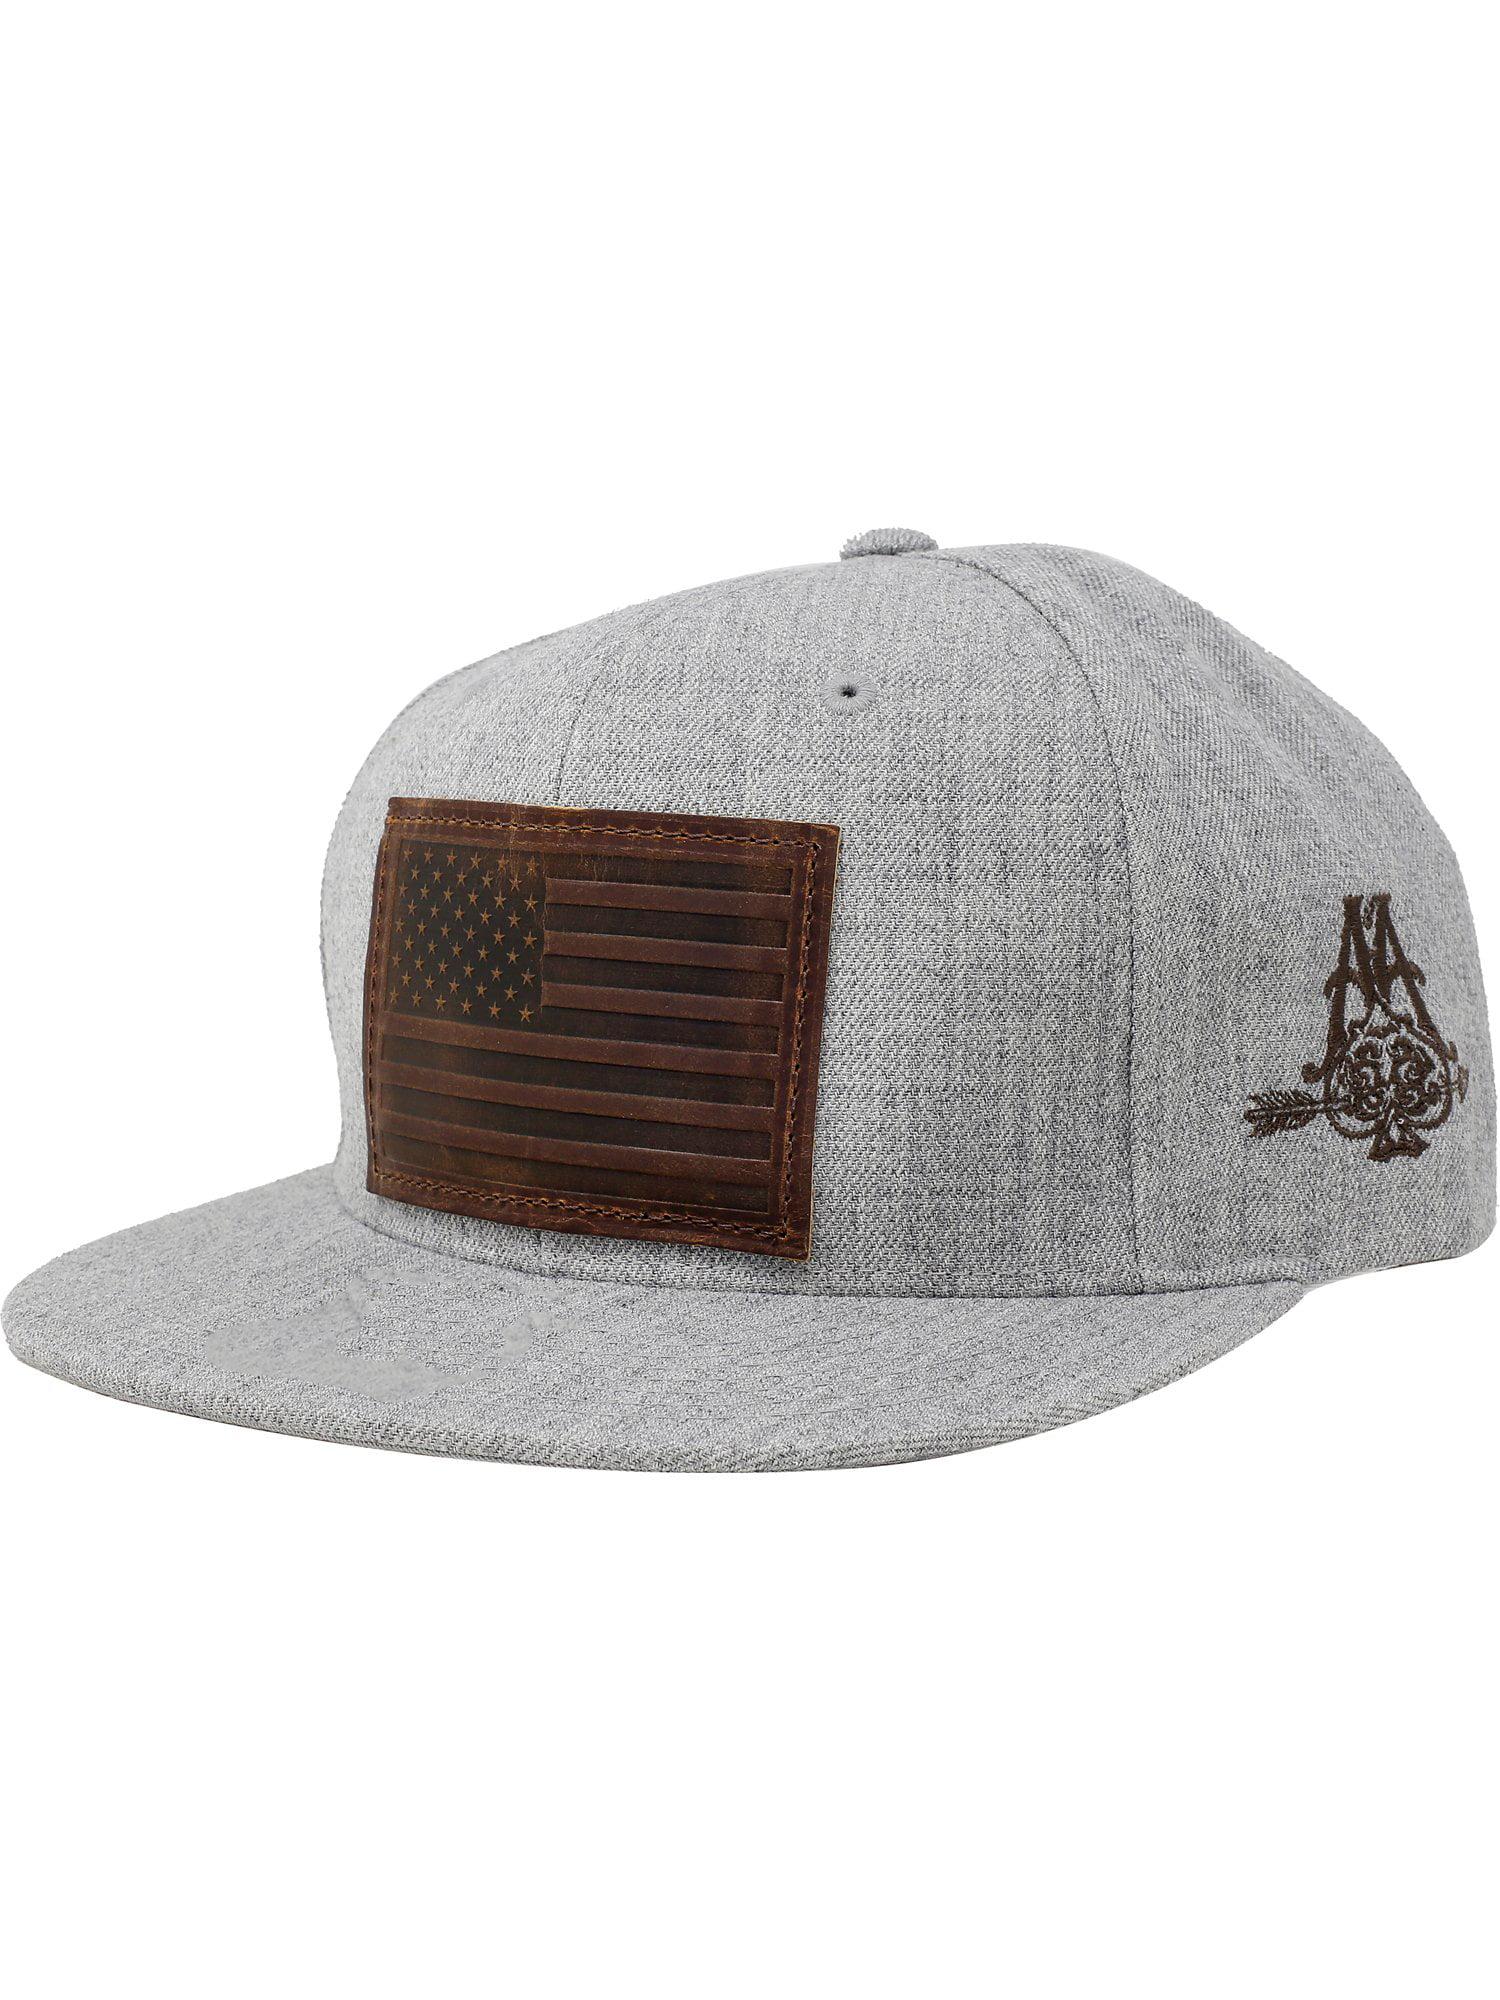 3fa7ae03440 Baseball Cap--Flat Brim Hat